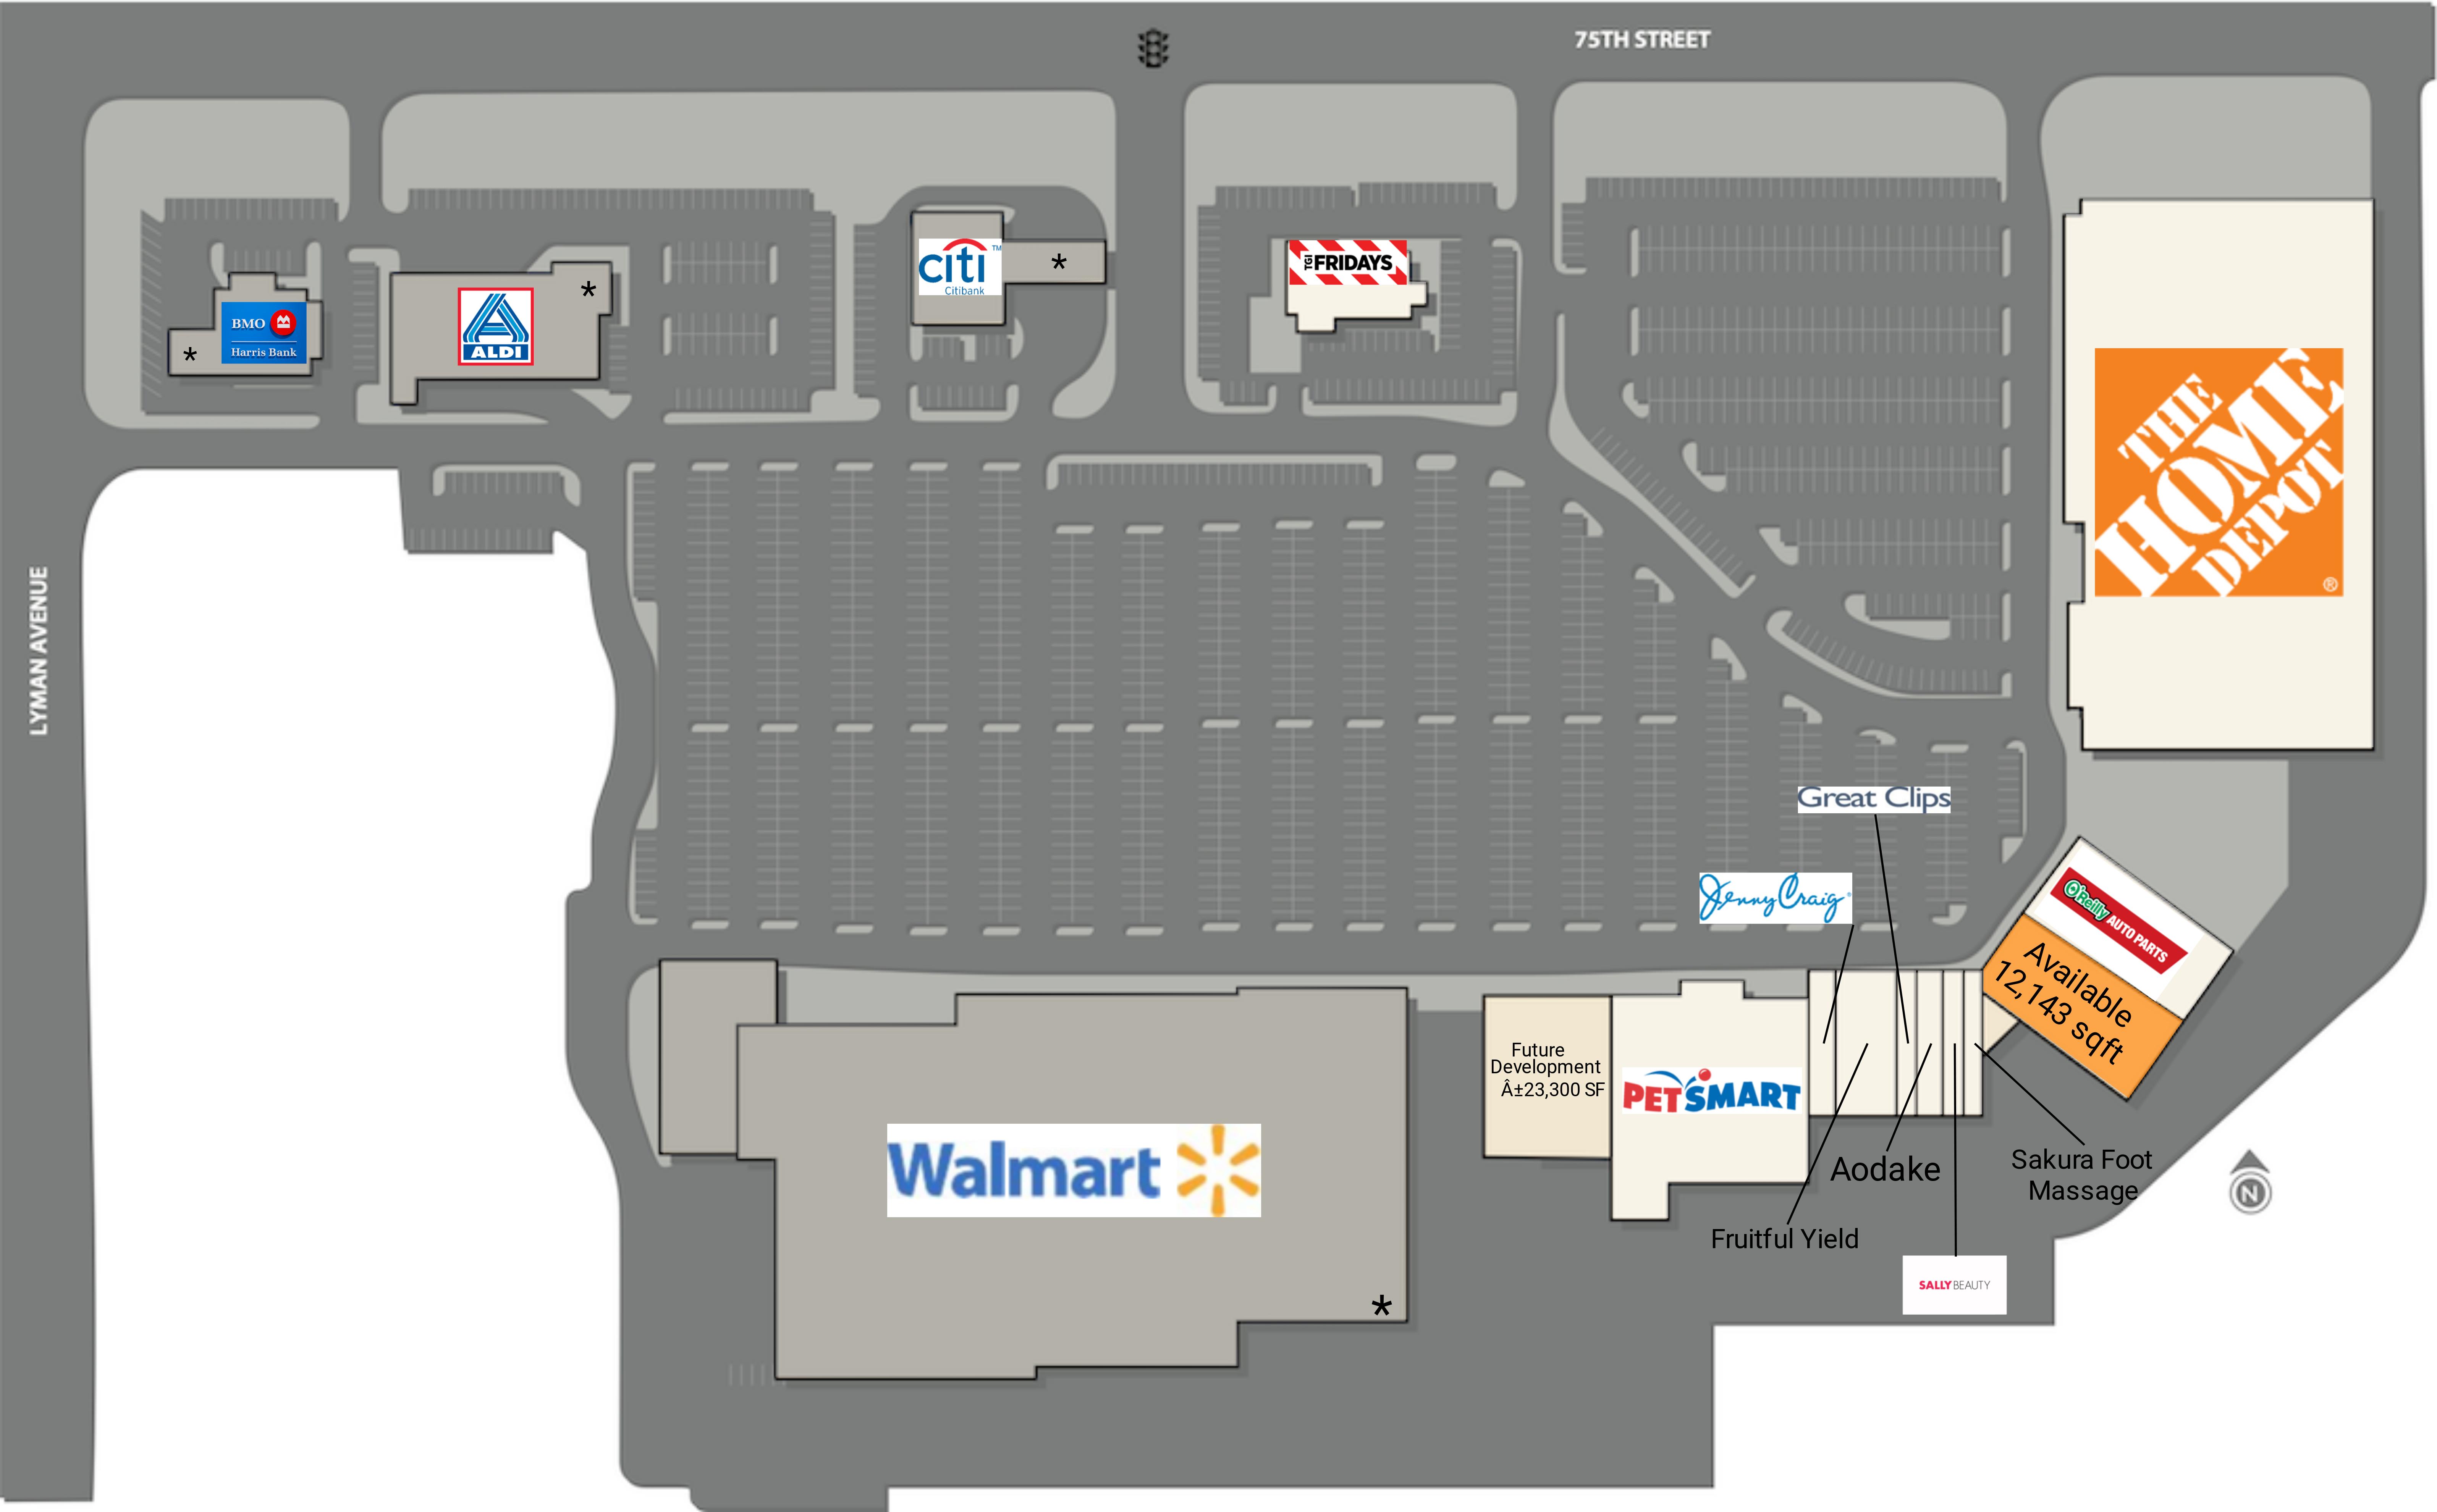 Darien IL: Darien Towne Centre - Retail Space - CIM Group